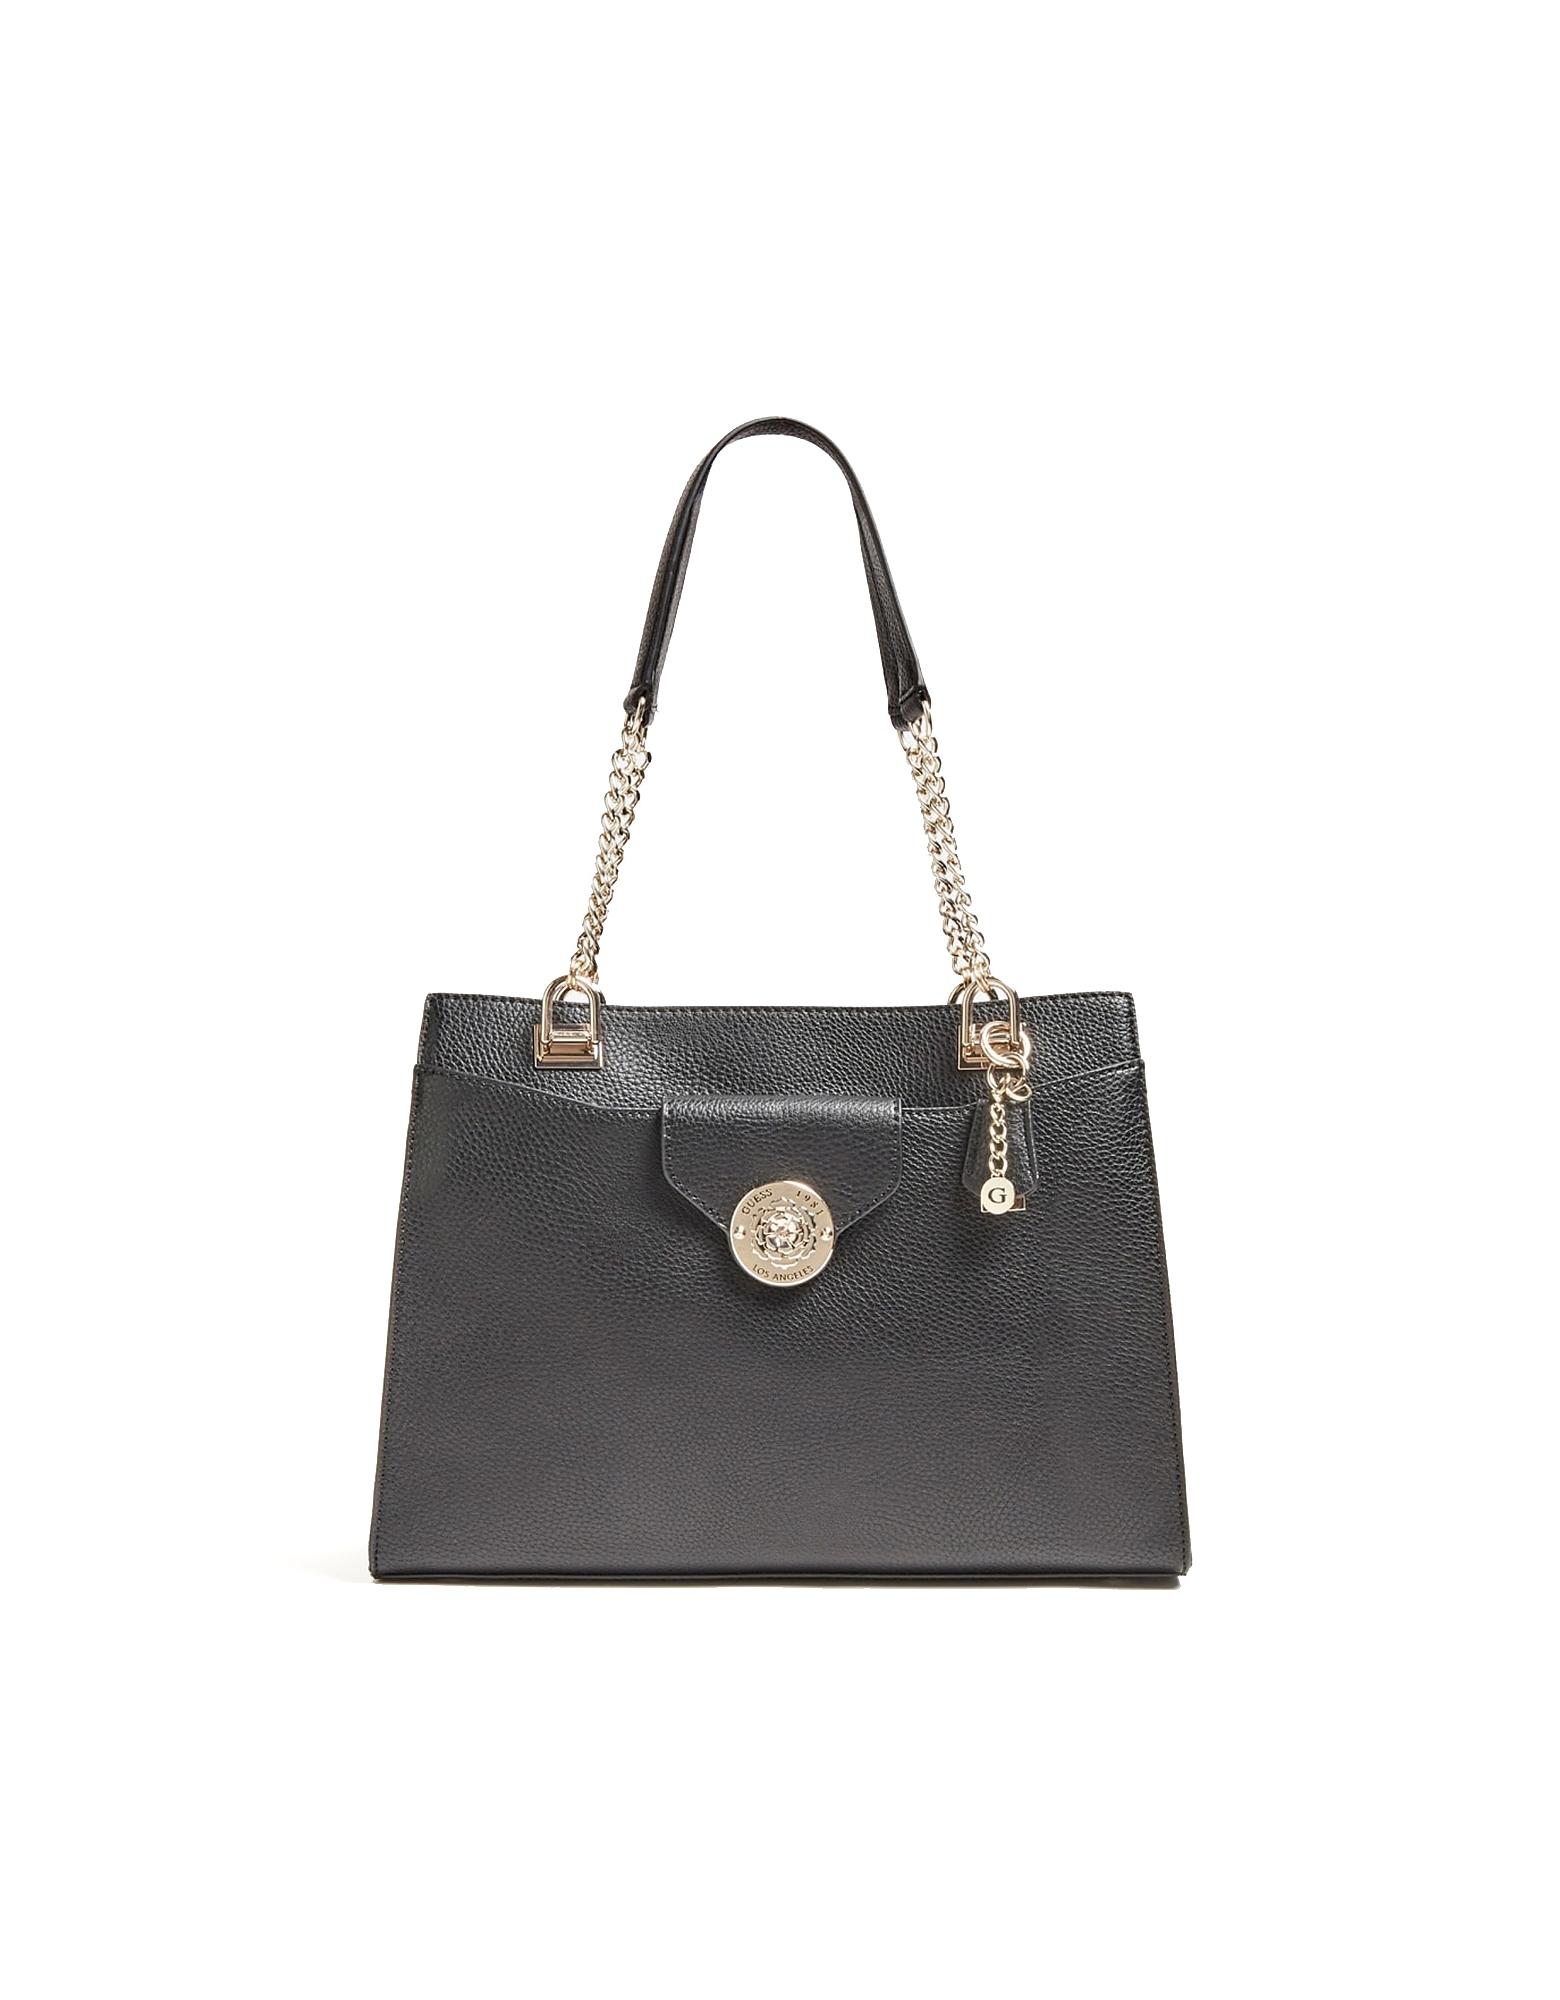 Guess Designer Handbags, Women's Black Bag